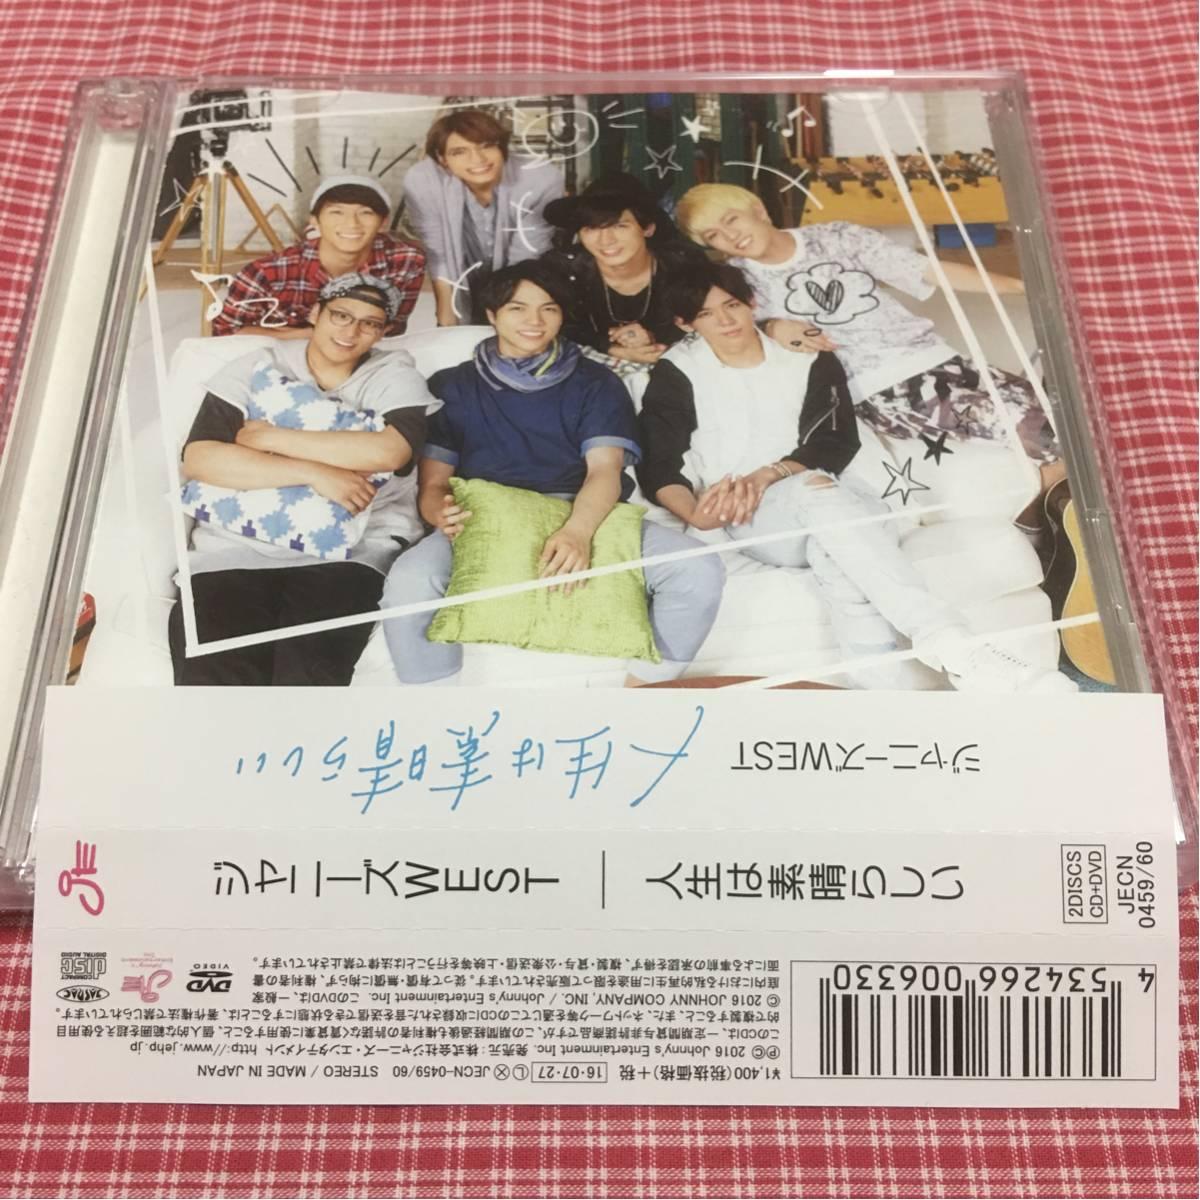 ジャニーズWEST 人生は素晴らしい 初回盤B CD+DVD(シルエット Music Clip&Making)